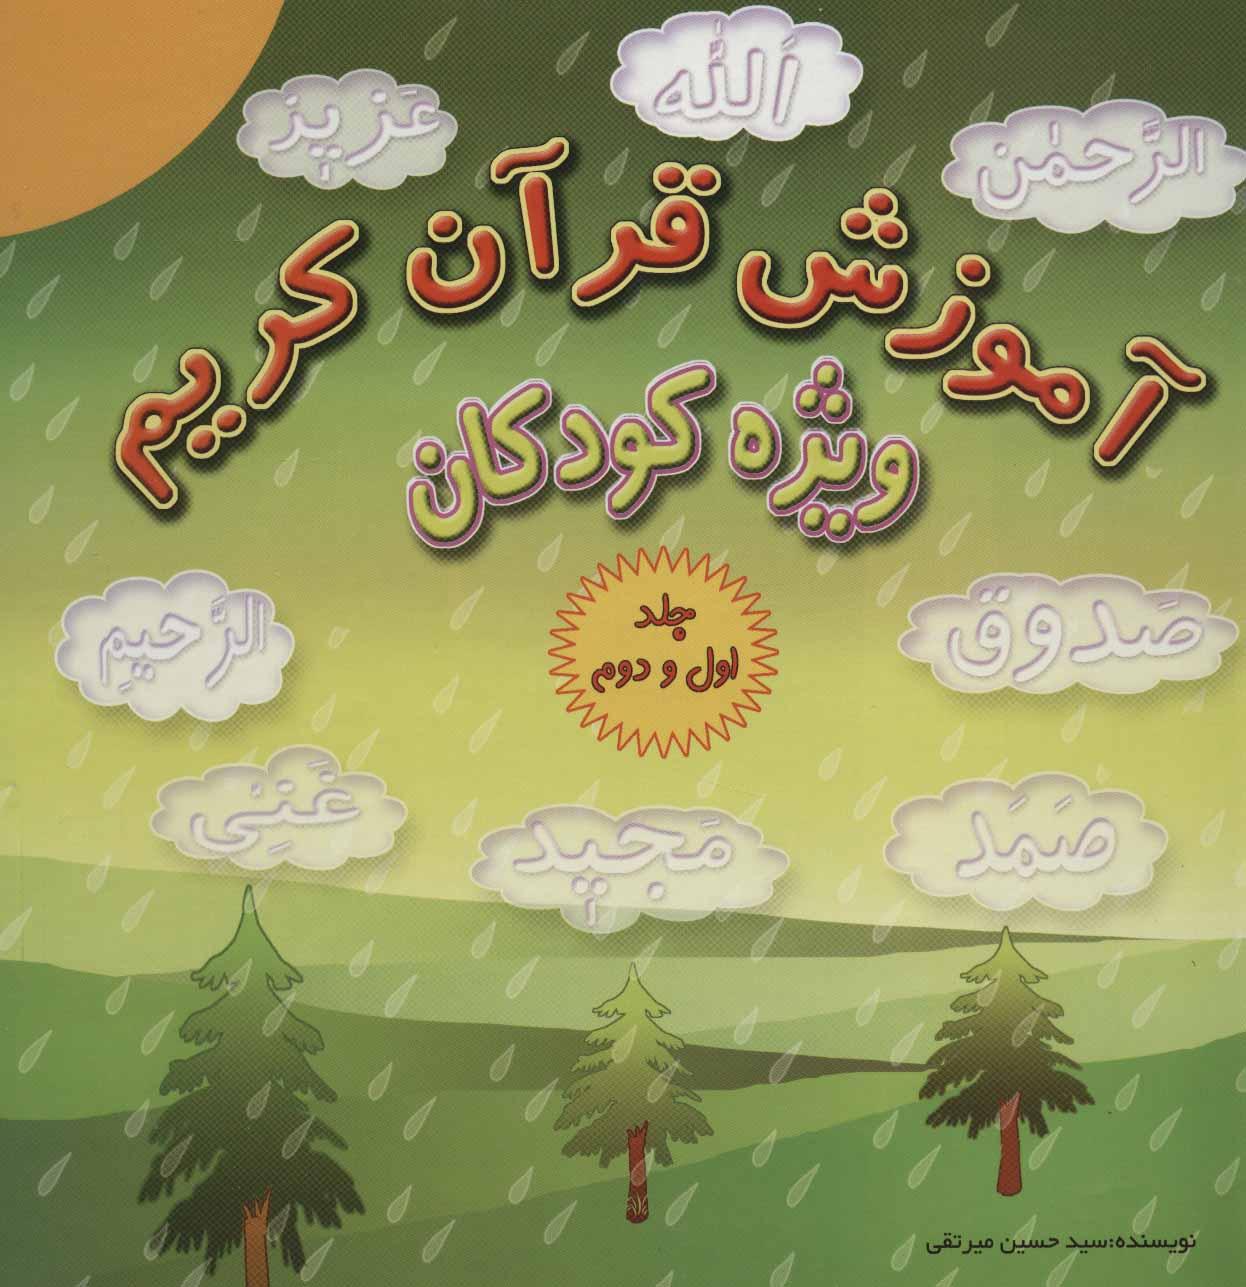 آموزش قرآن کریم ویژه کودکان (جلدهای 1و2)،همراه با دی وی دی صوتی (گلاسه)